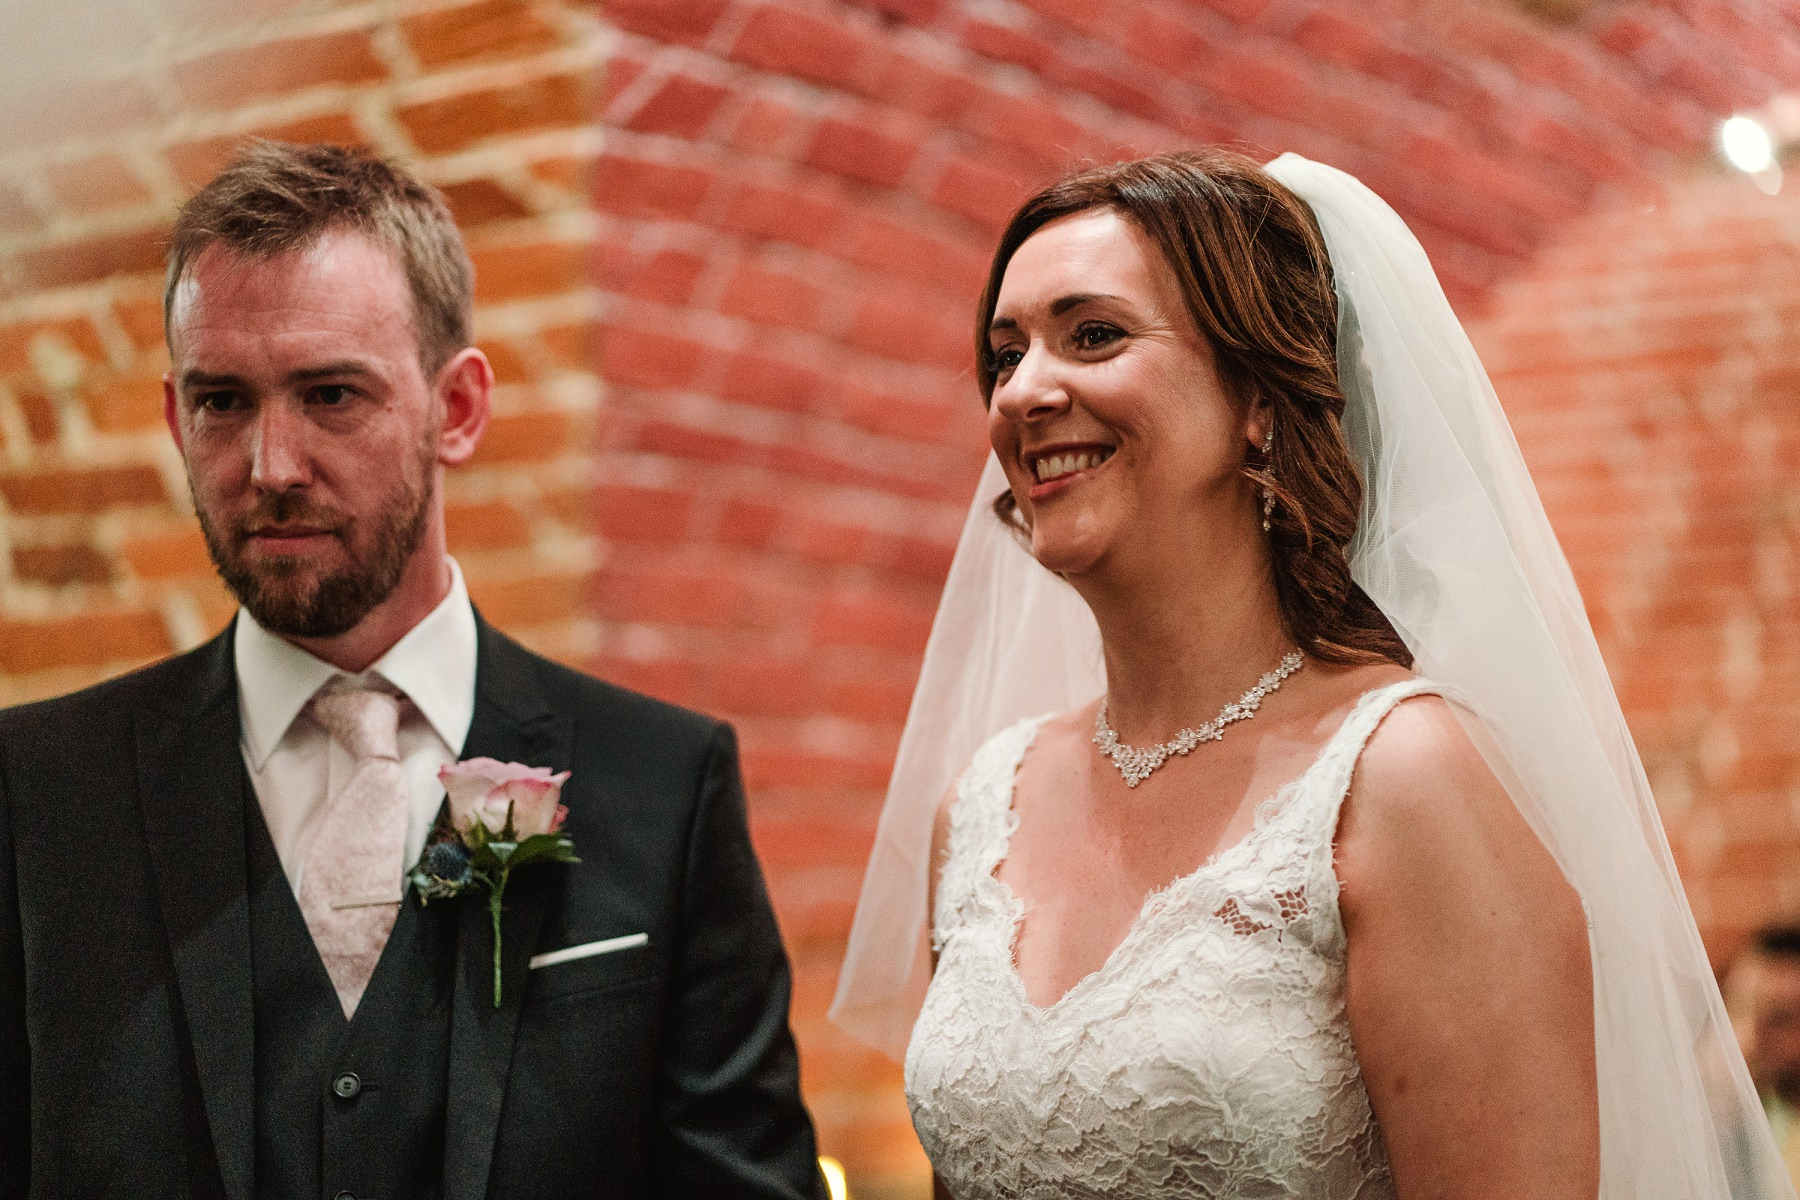 emma_steffan_wedding_buttermarket_0189.jpg